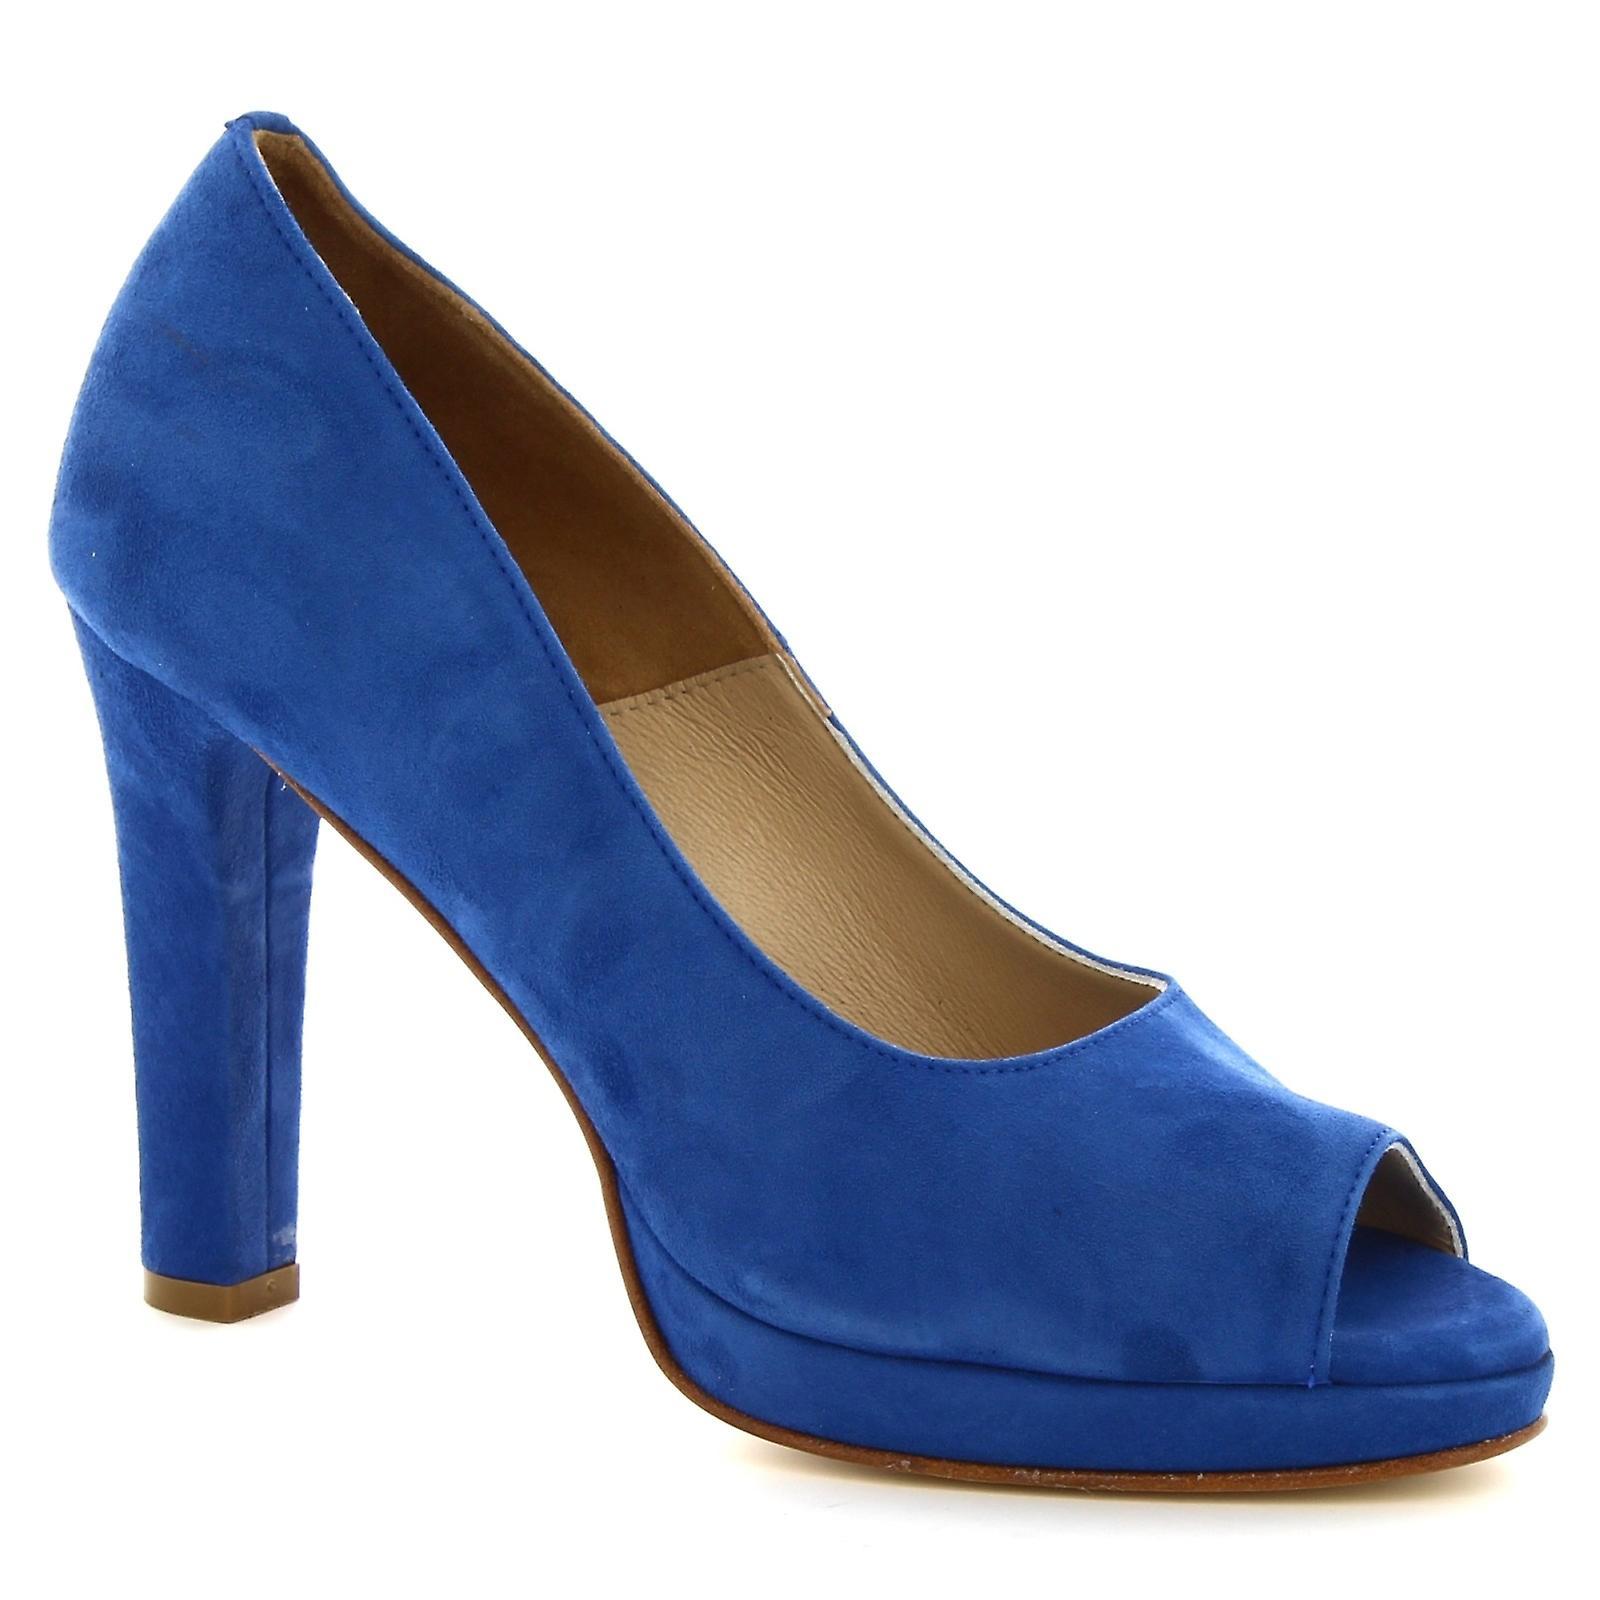 Leonardo Shoes Women's handmade open-toe pumps in deep blue suede leather RfJNJ